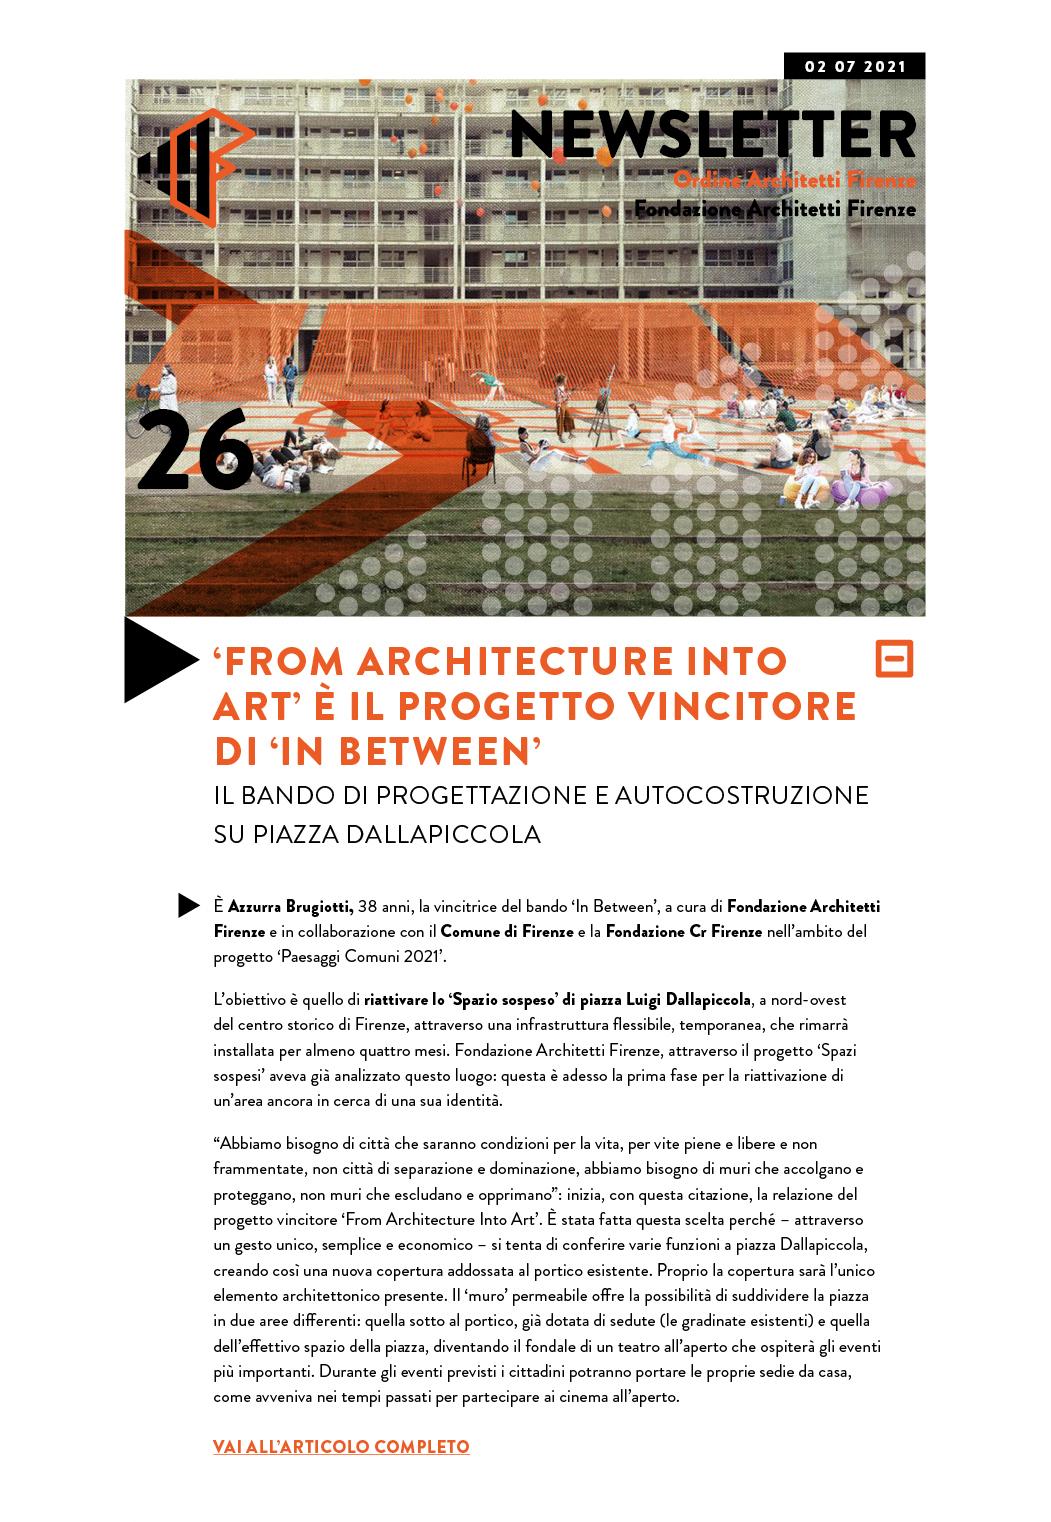 'FROM ARCHITECTURE INTO ART' È IL PROGETTO VINCITORE DI 'IN BETWEEN'